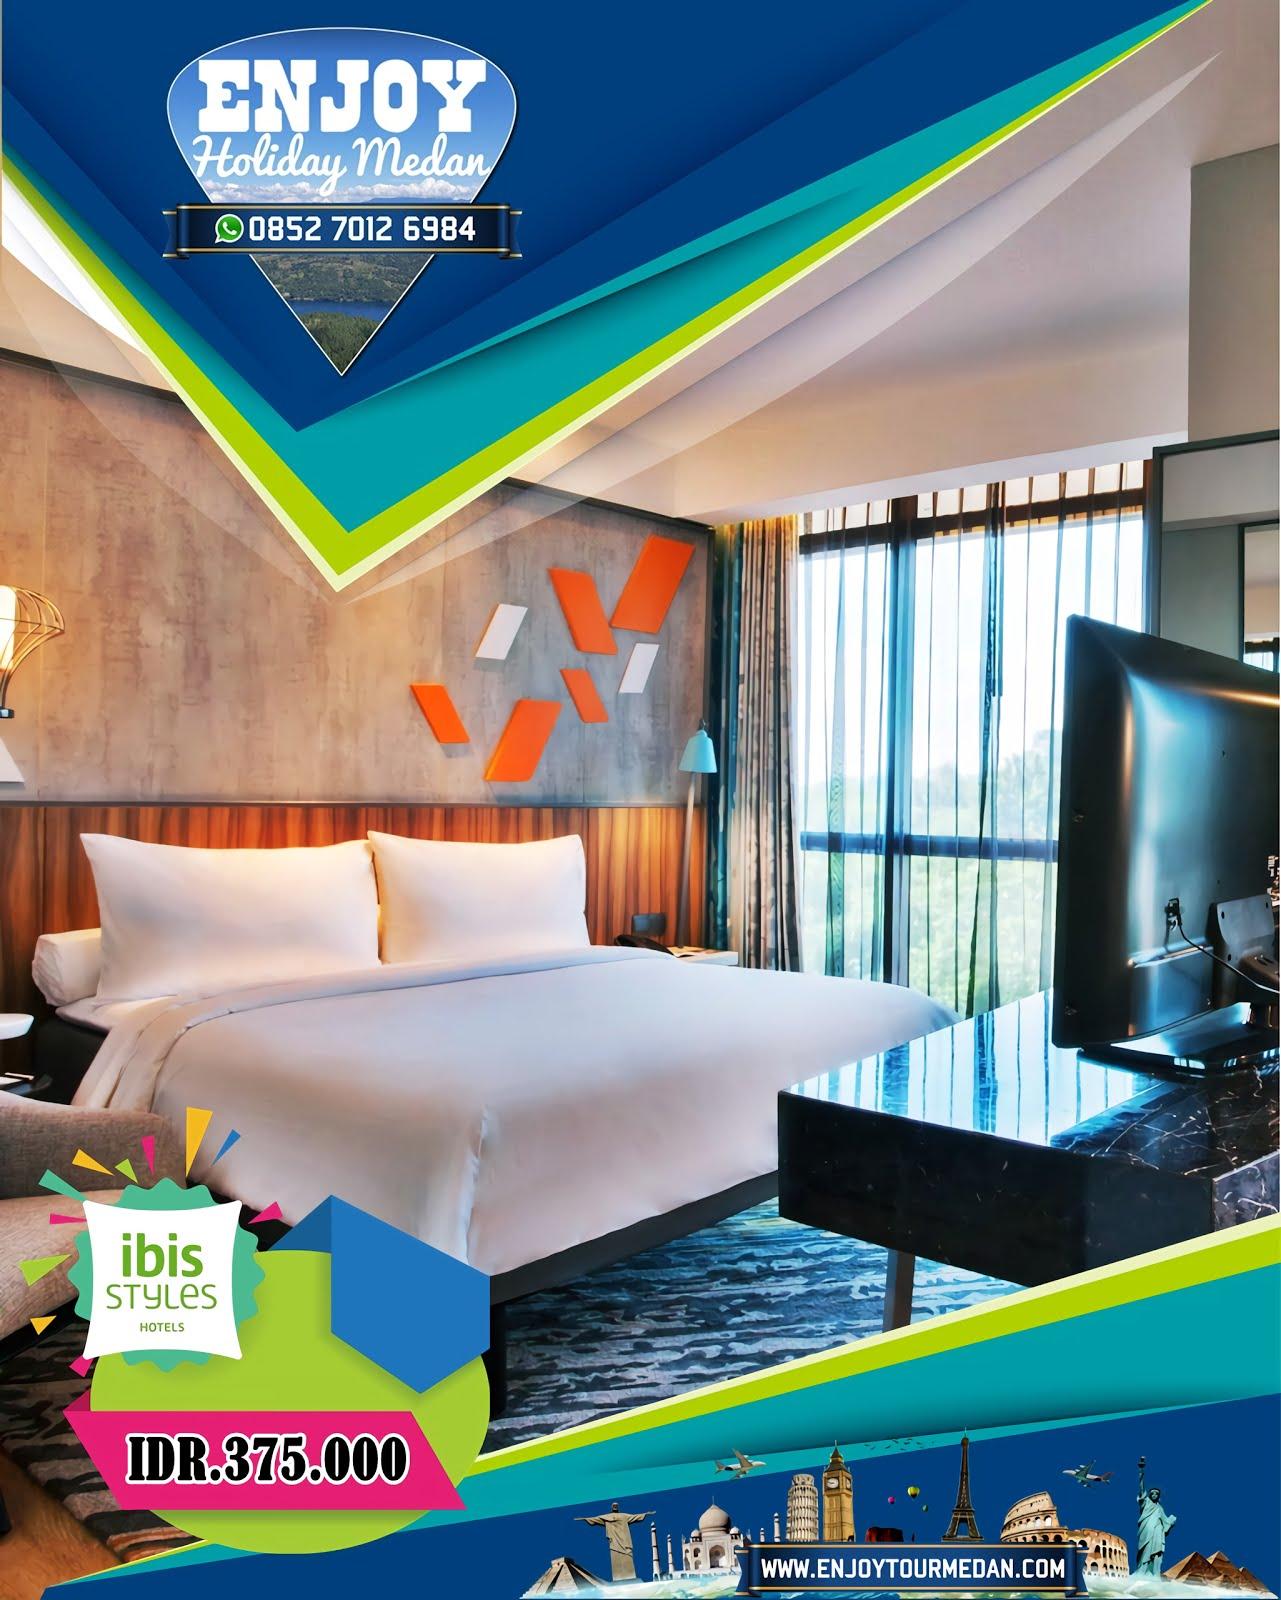 ibis STYLES hotel medan